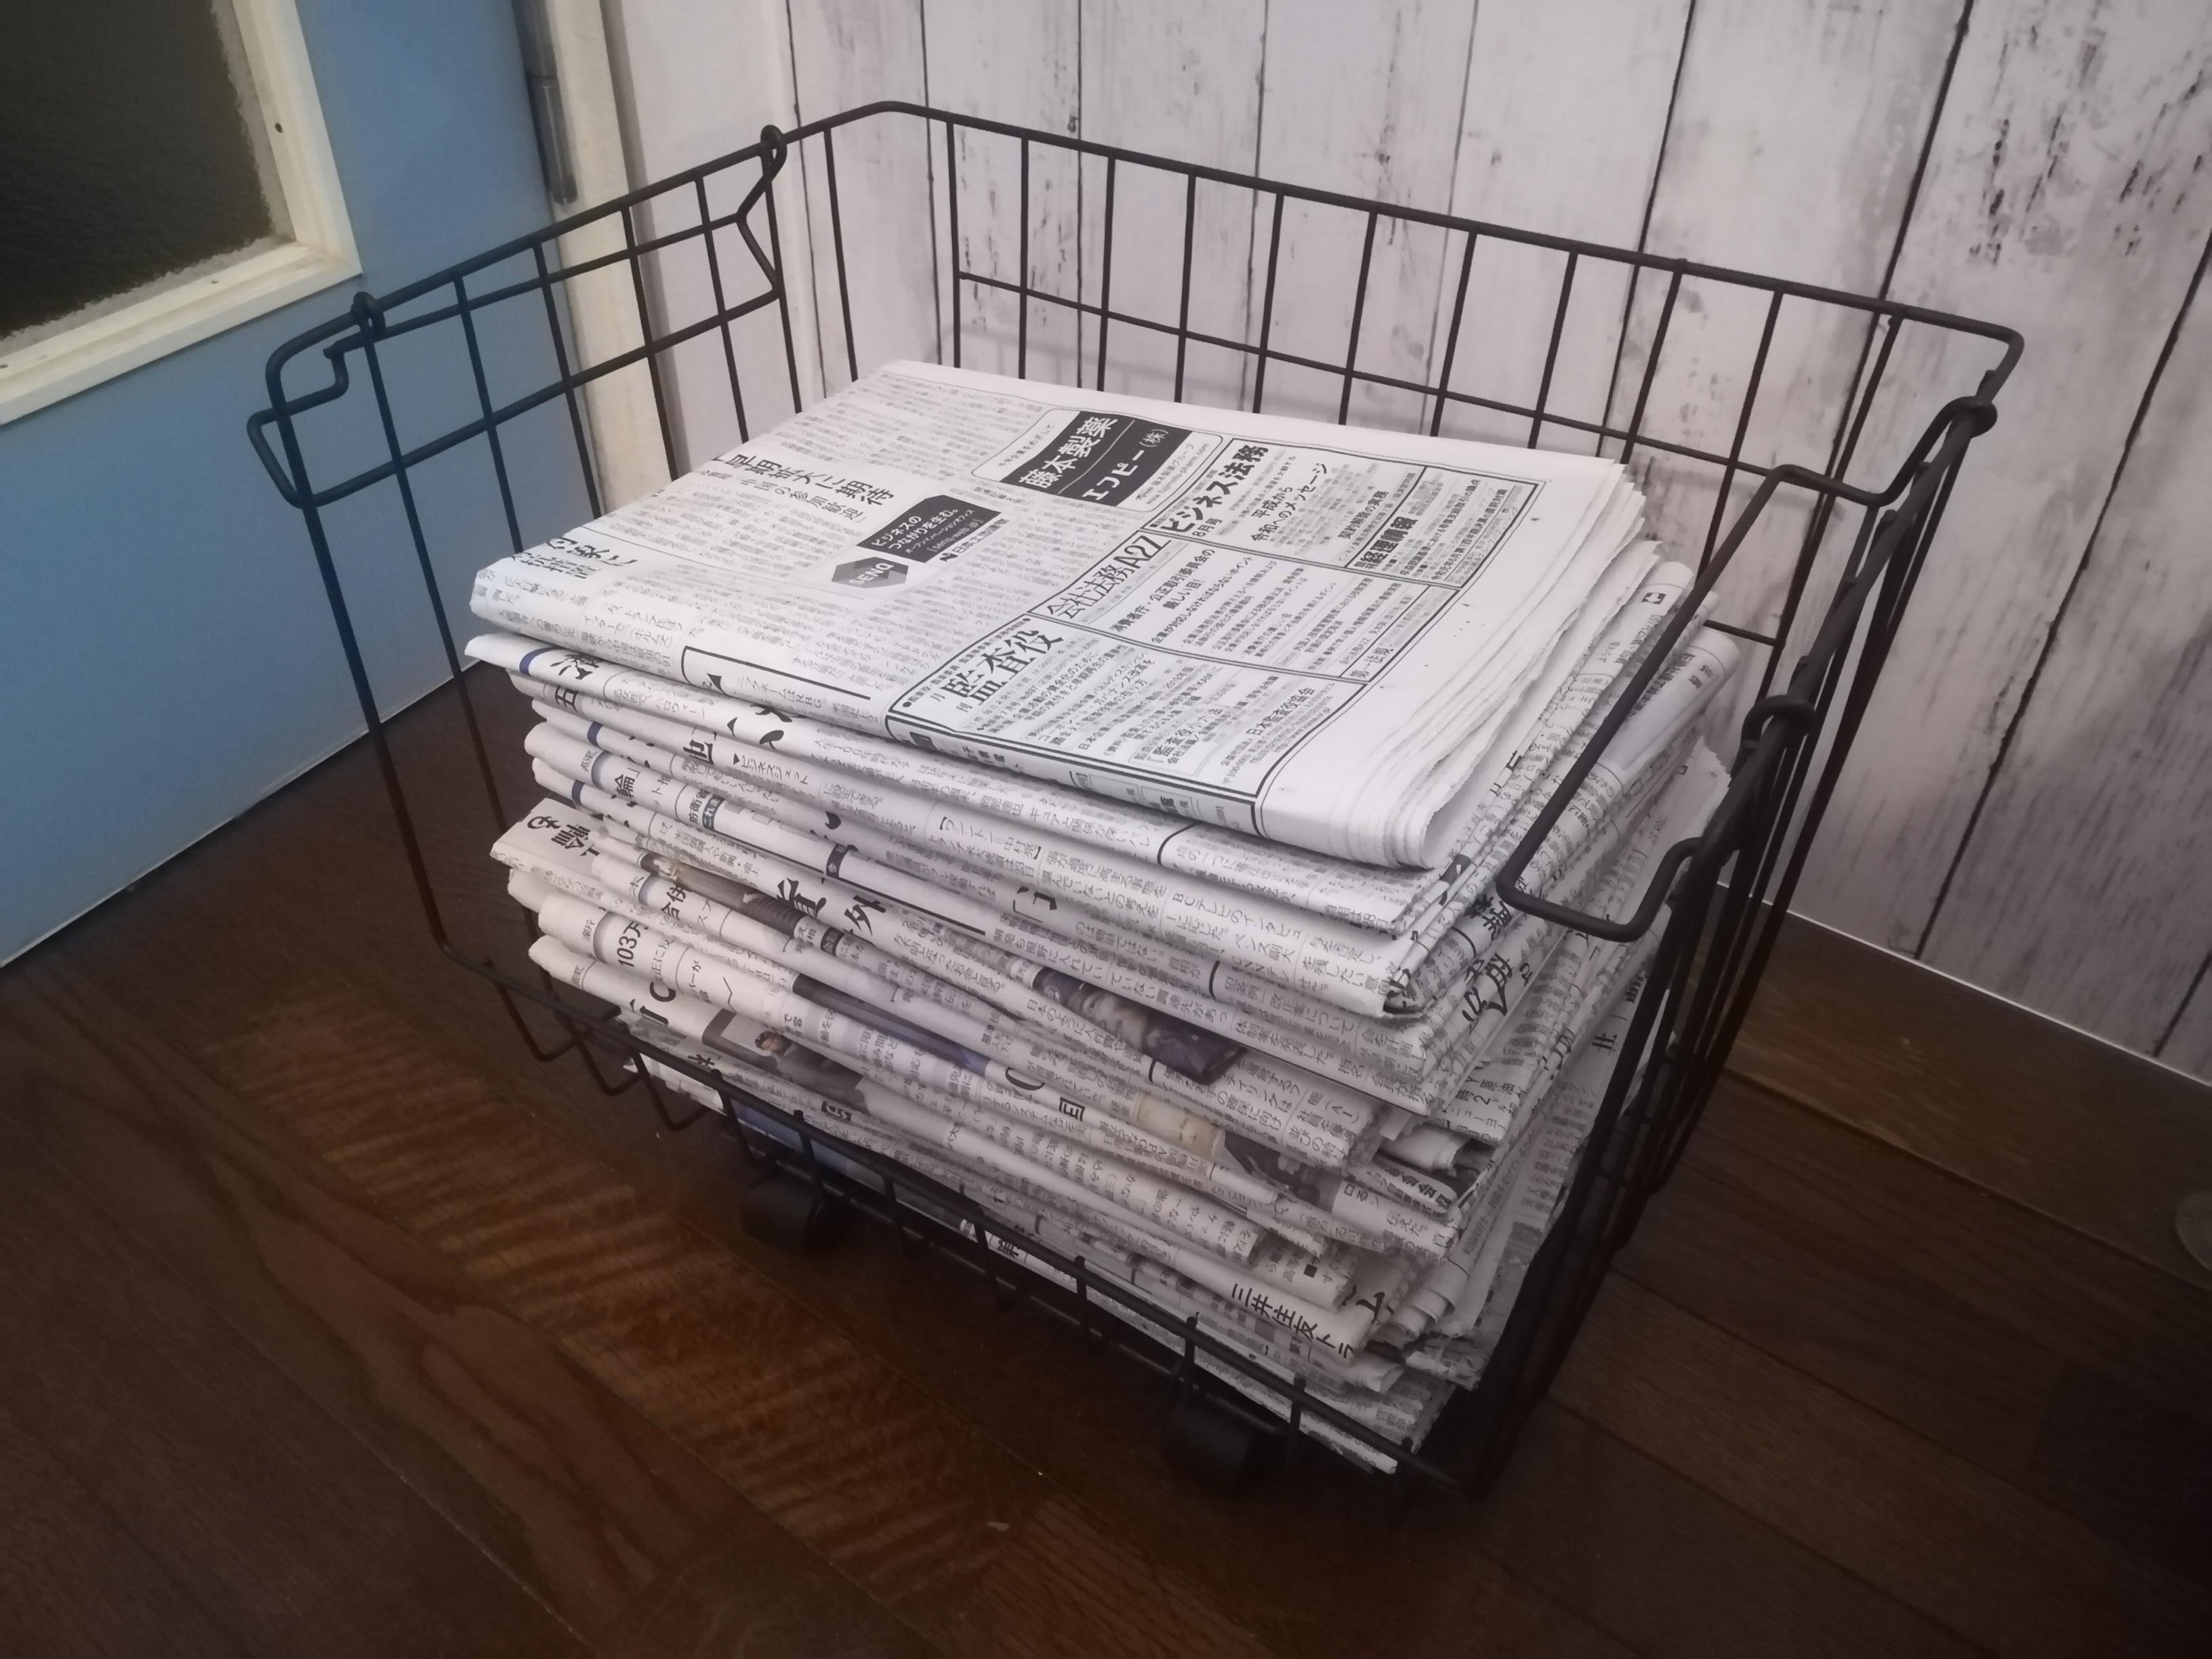 「アイアンでスマートに◎ラクラク移動式新聞紙ストッカー」 by marineさん